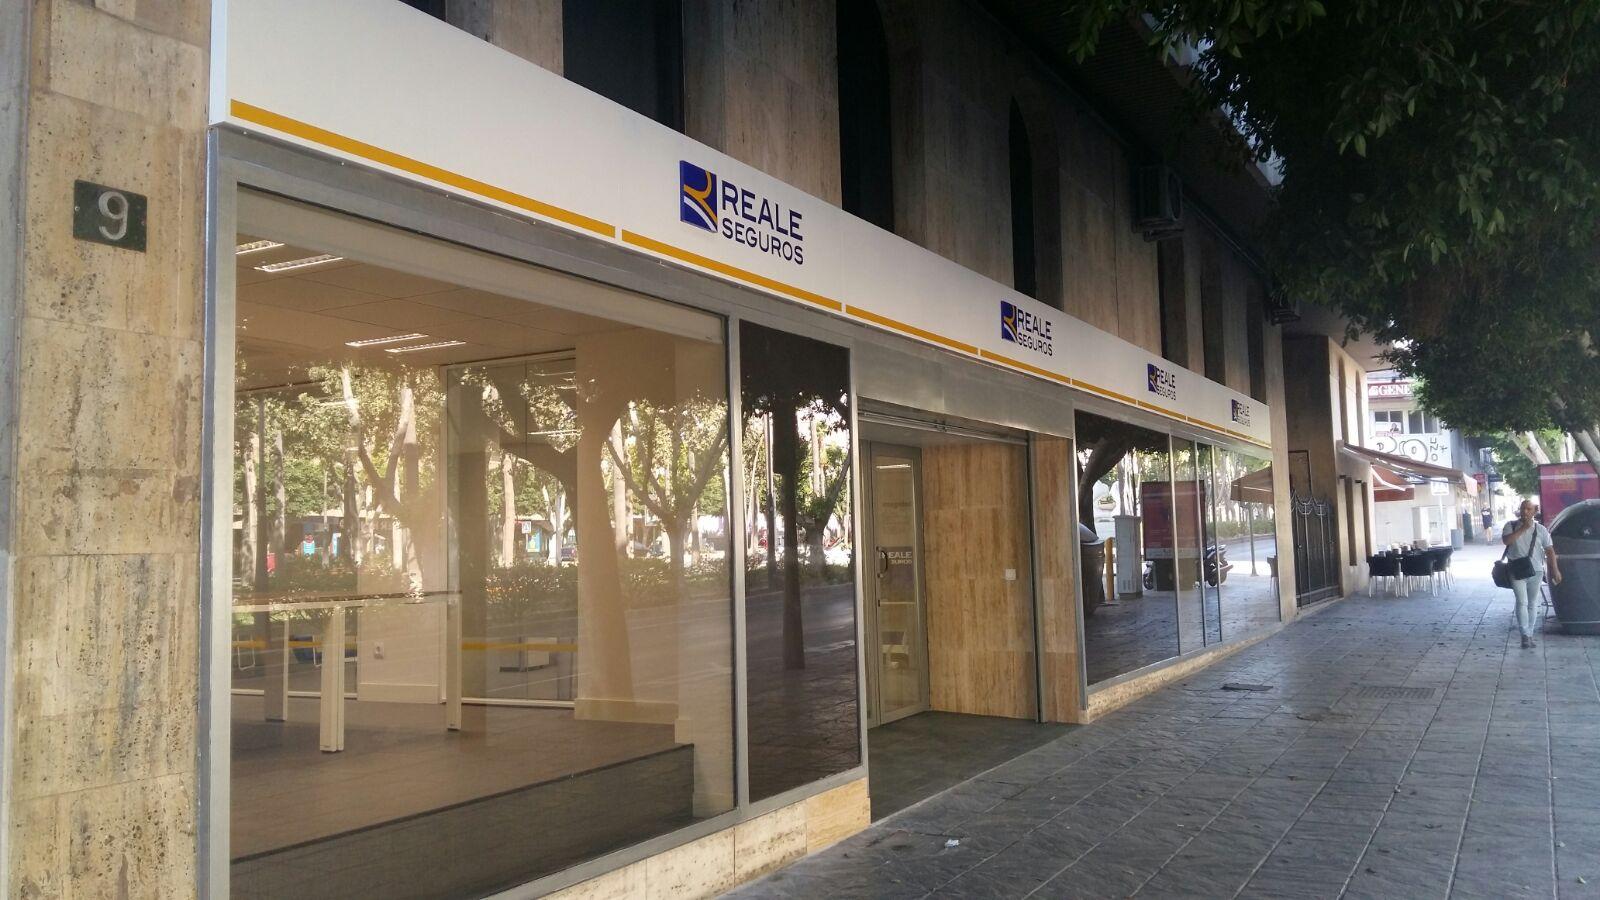 Reale seguros abre sus nuevas oficinas en almeria en for Oficinas unicaja almeria